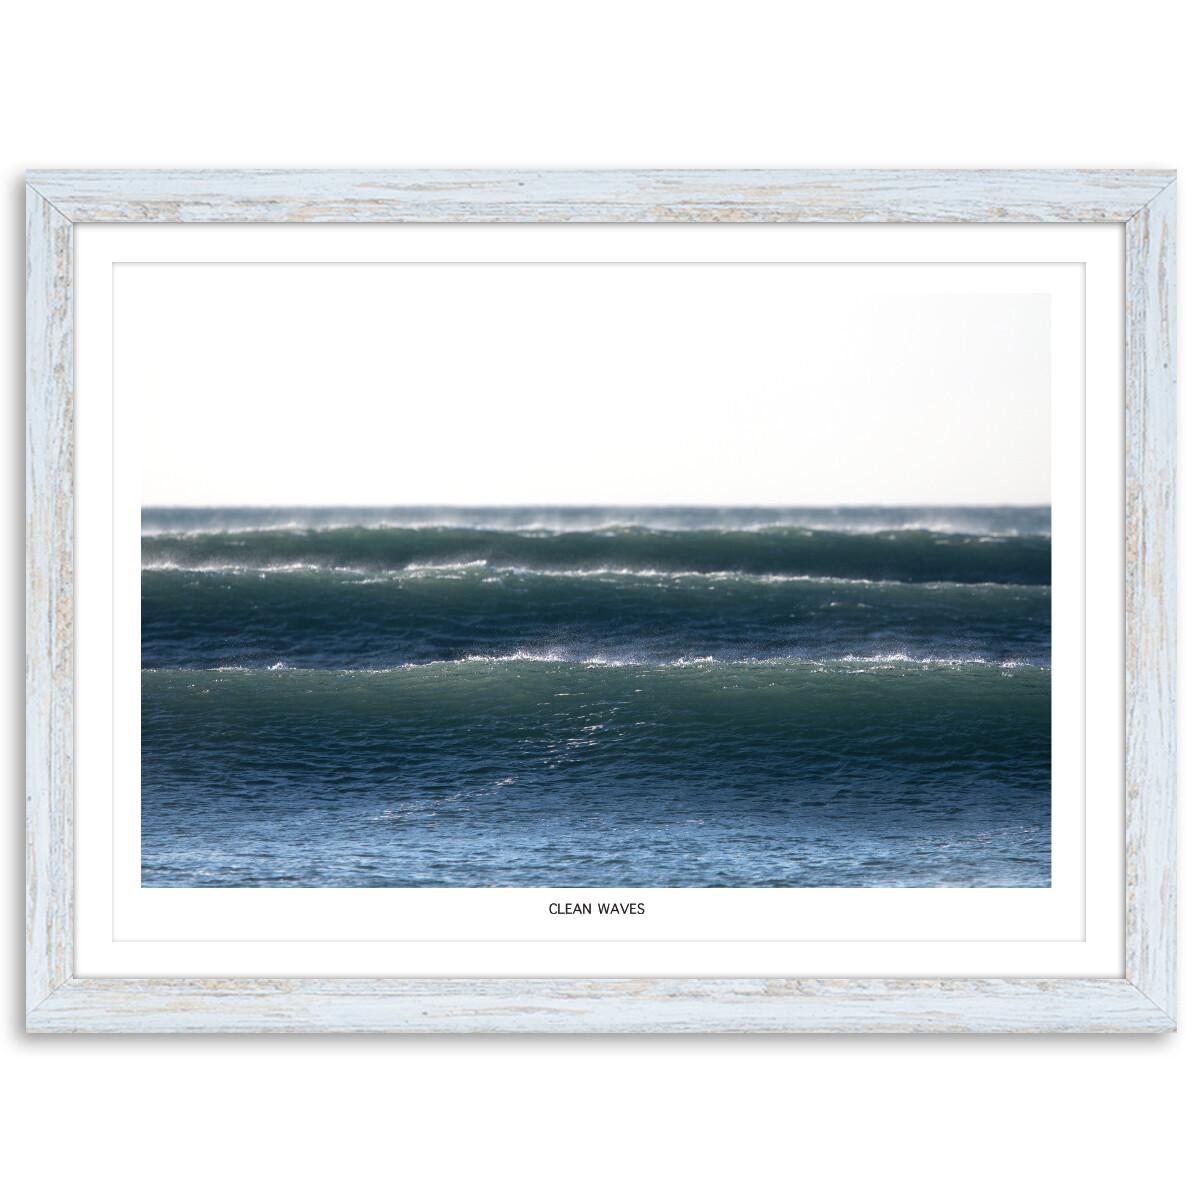 Clean Waves